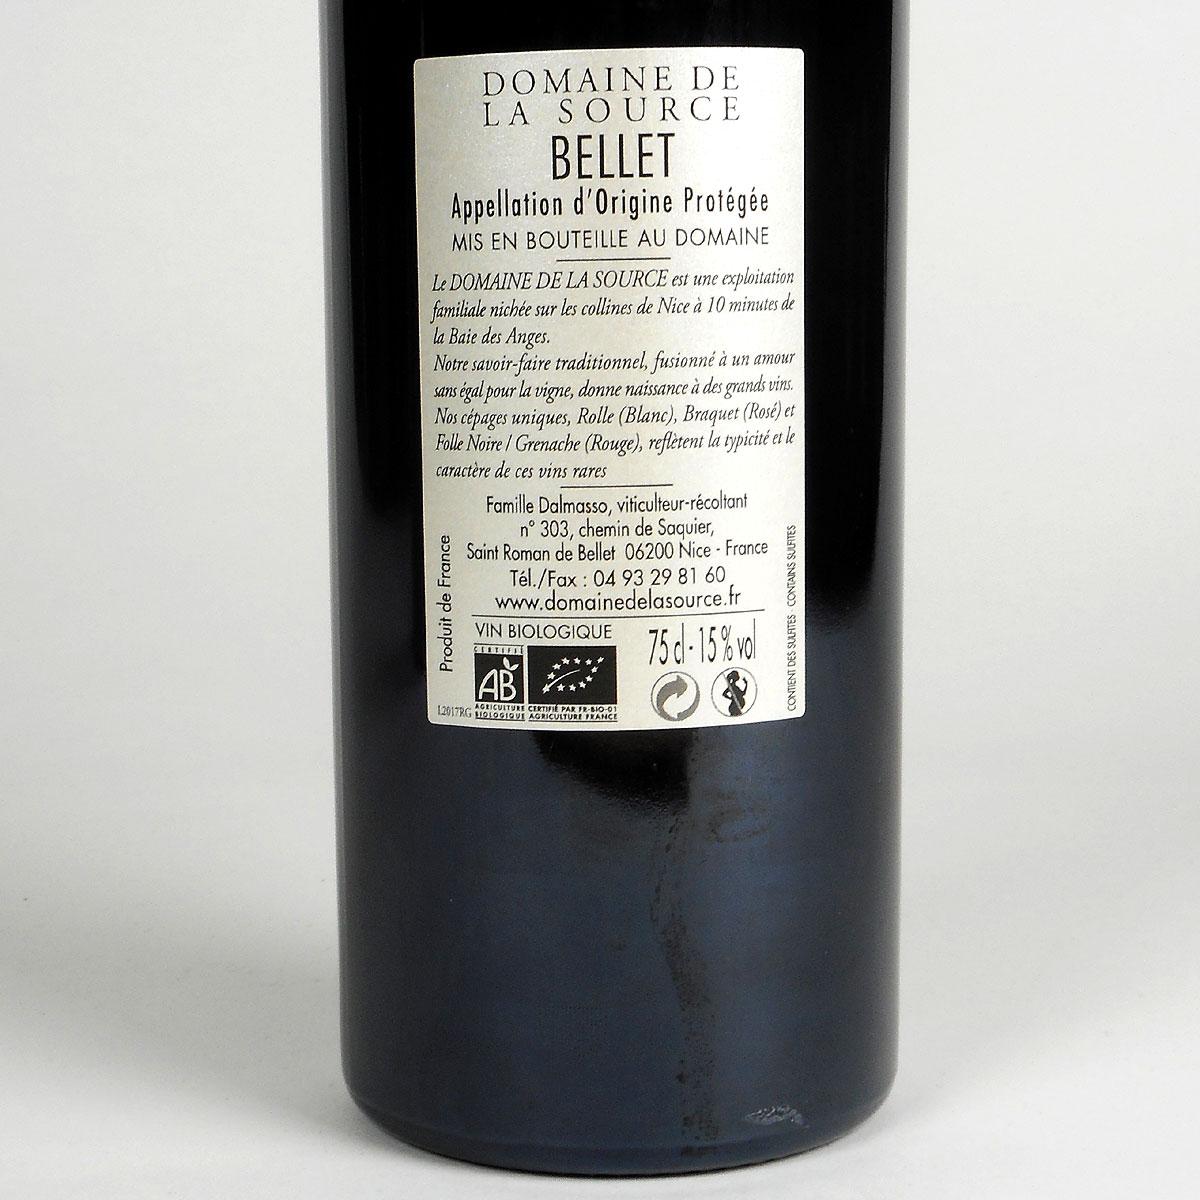 Bellet: Domaine de la Source Rouge 2017 - Bottle Rear Label